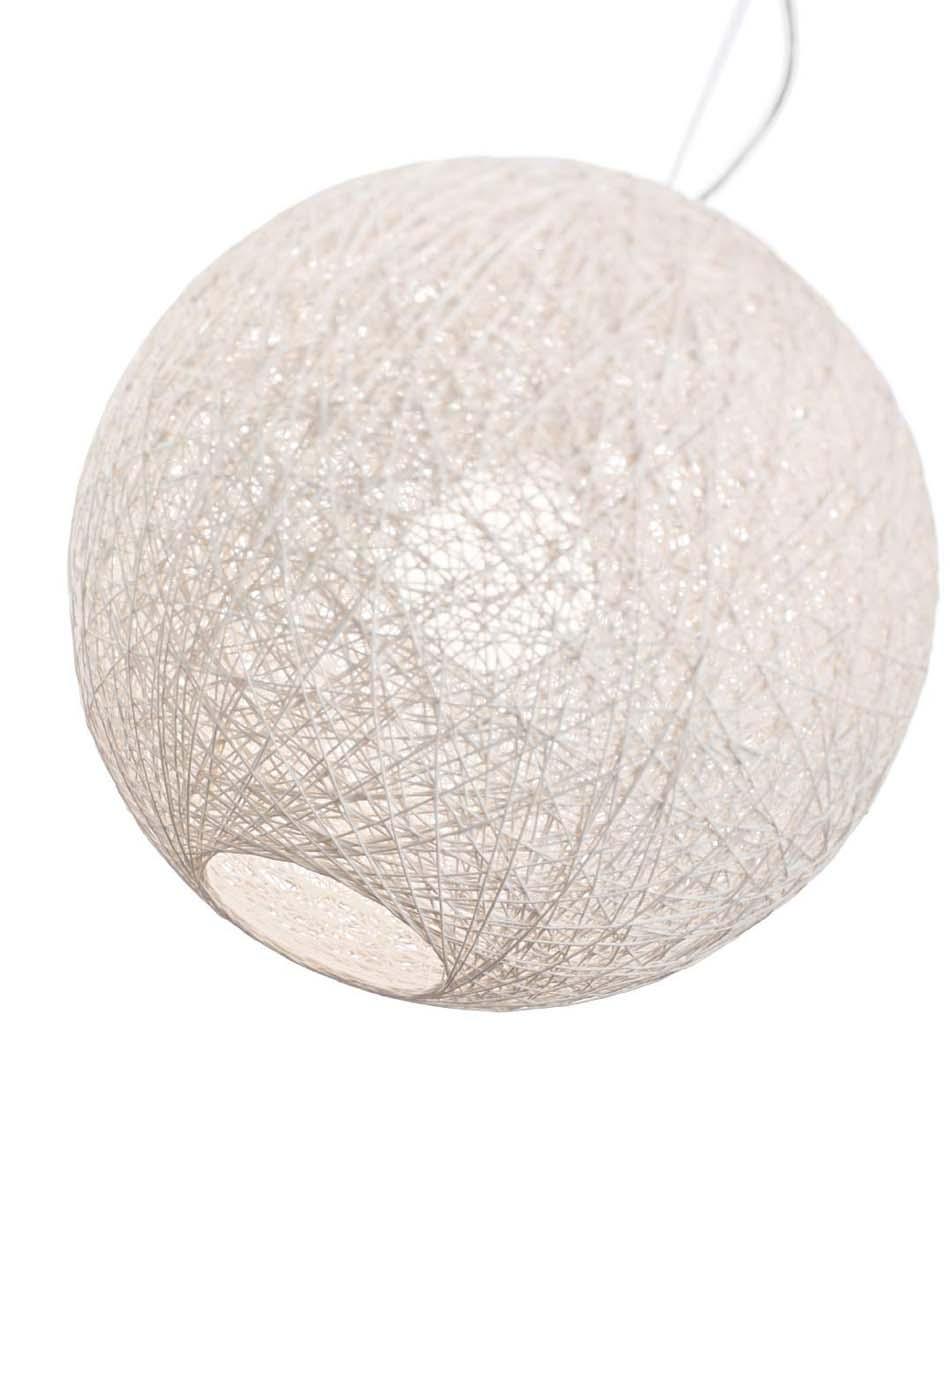 Lampade 33 sospese Ideal Lux Basket – Toscana Arredamenti